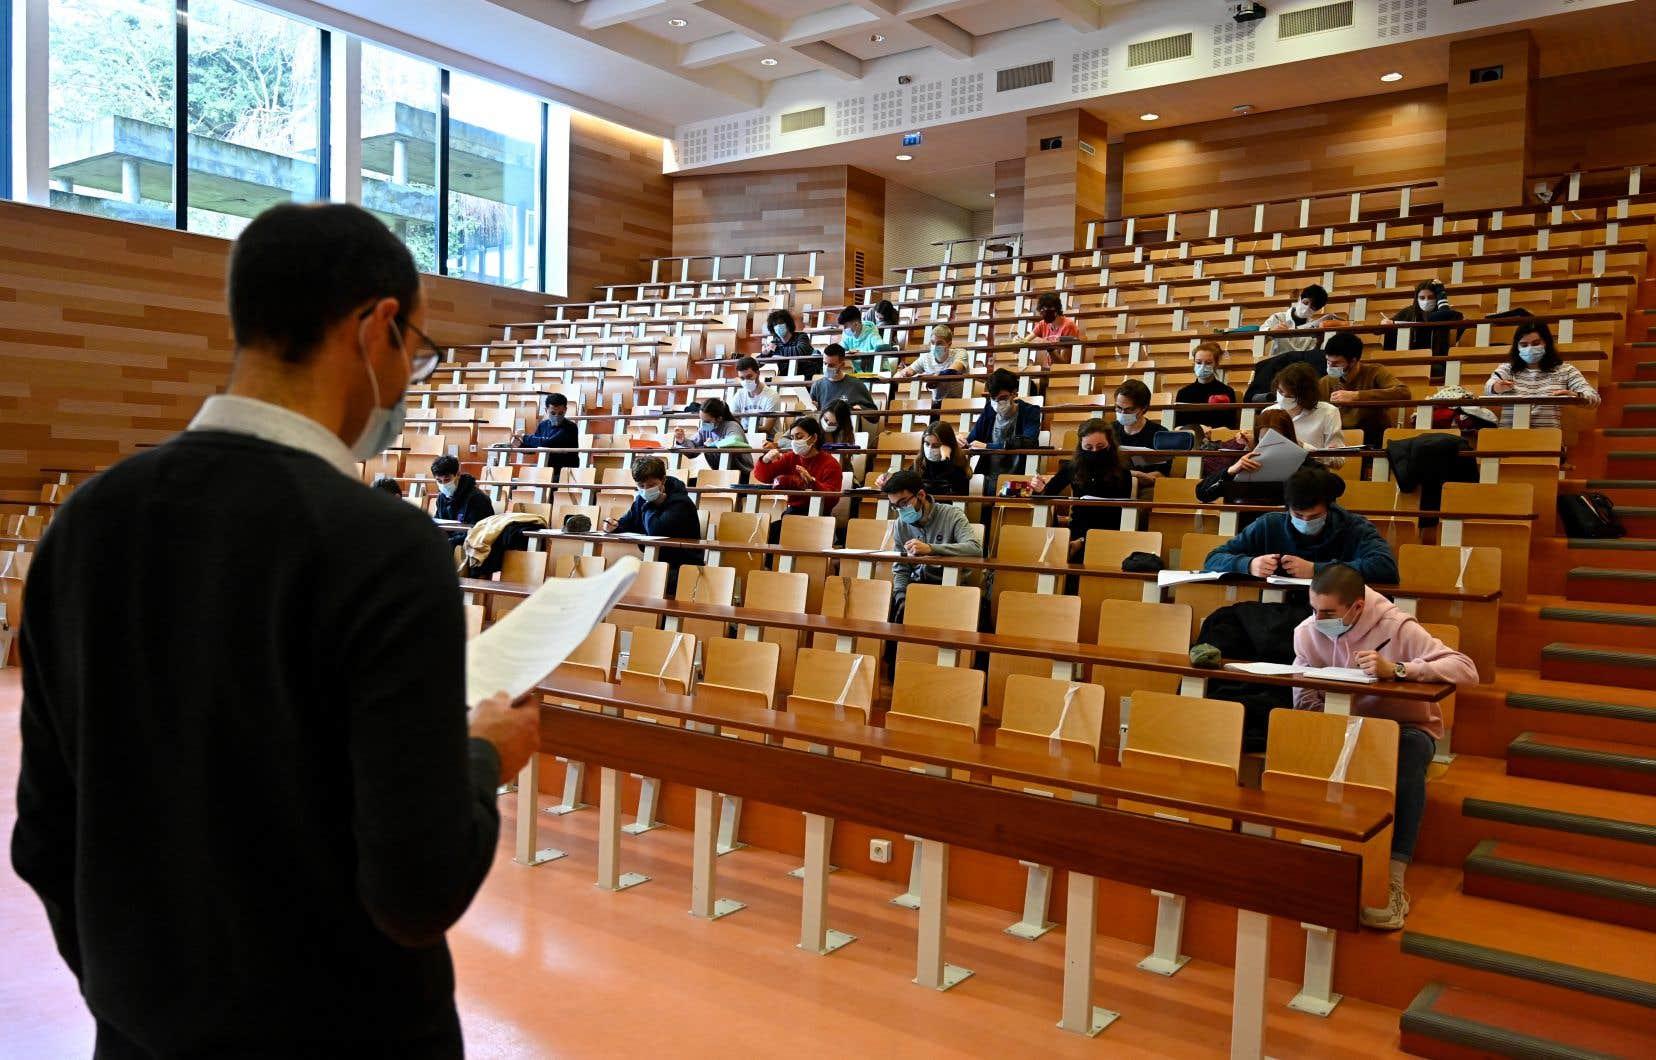 «En France, la ministre de l'Enseignement supérieur diligente une enquête sur la recherche dans les universités», écrit l'auteur.